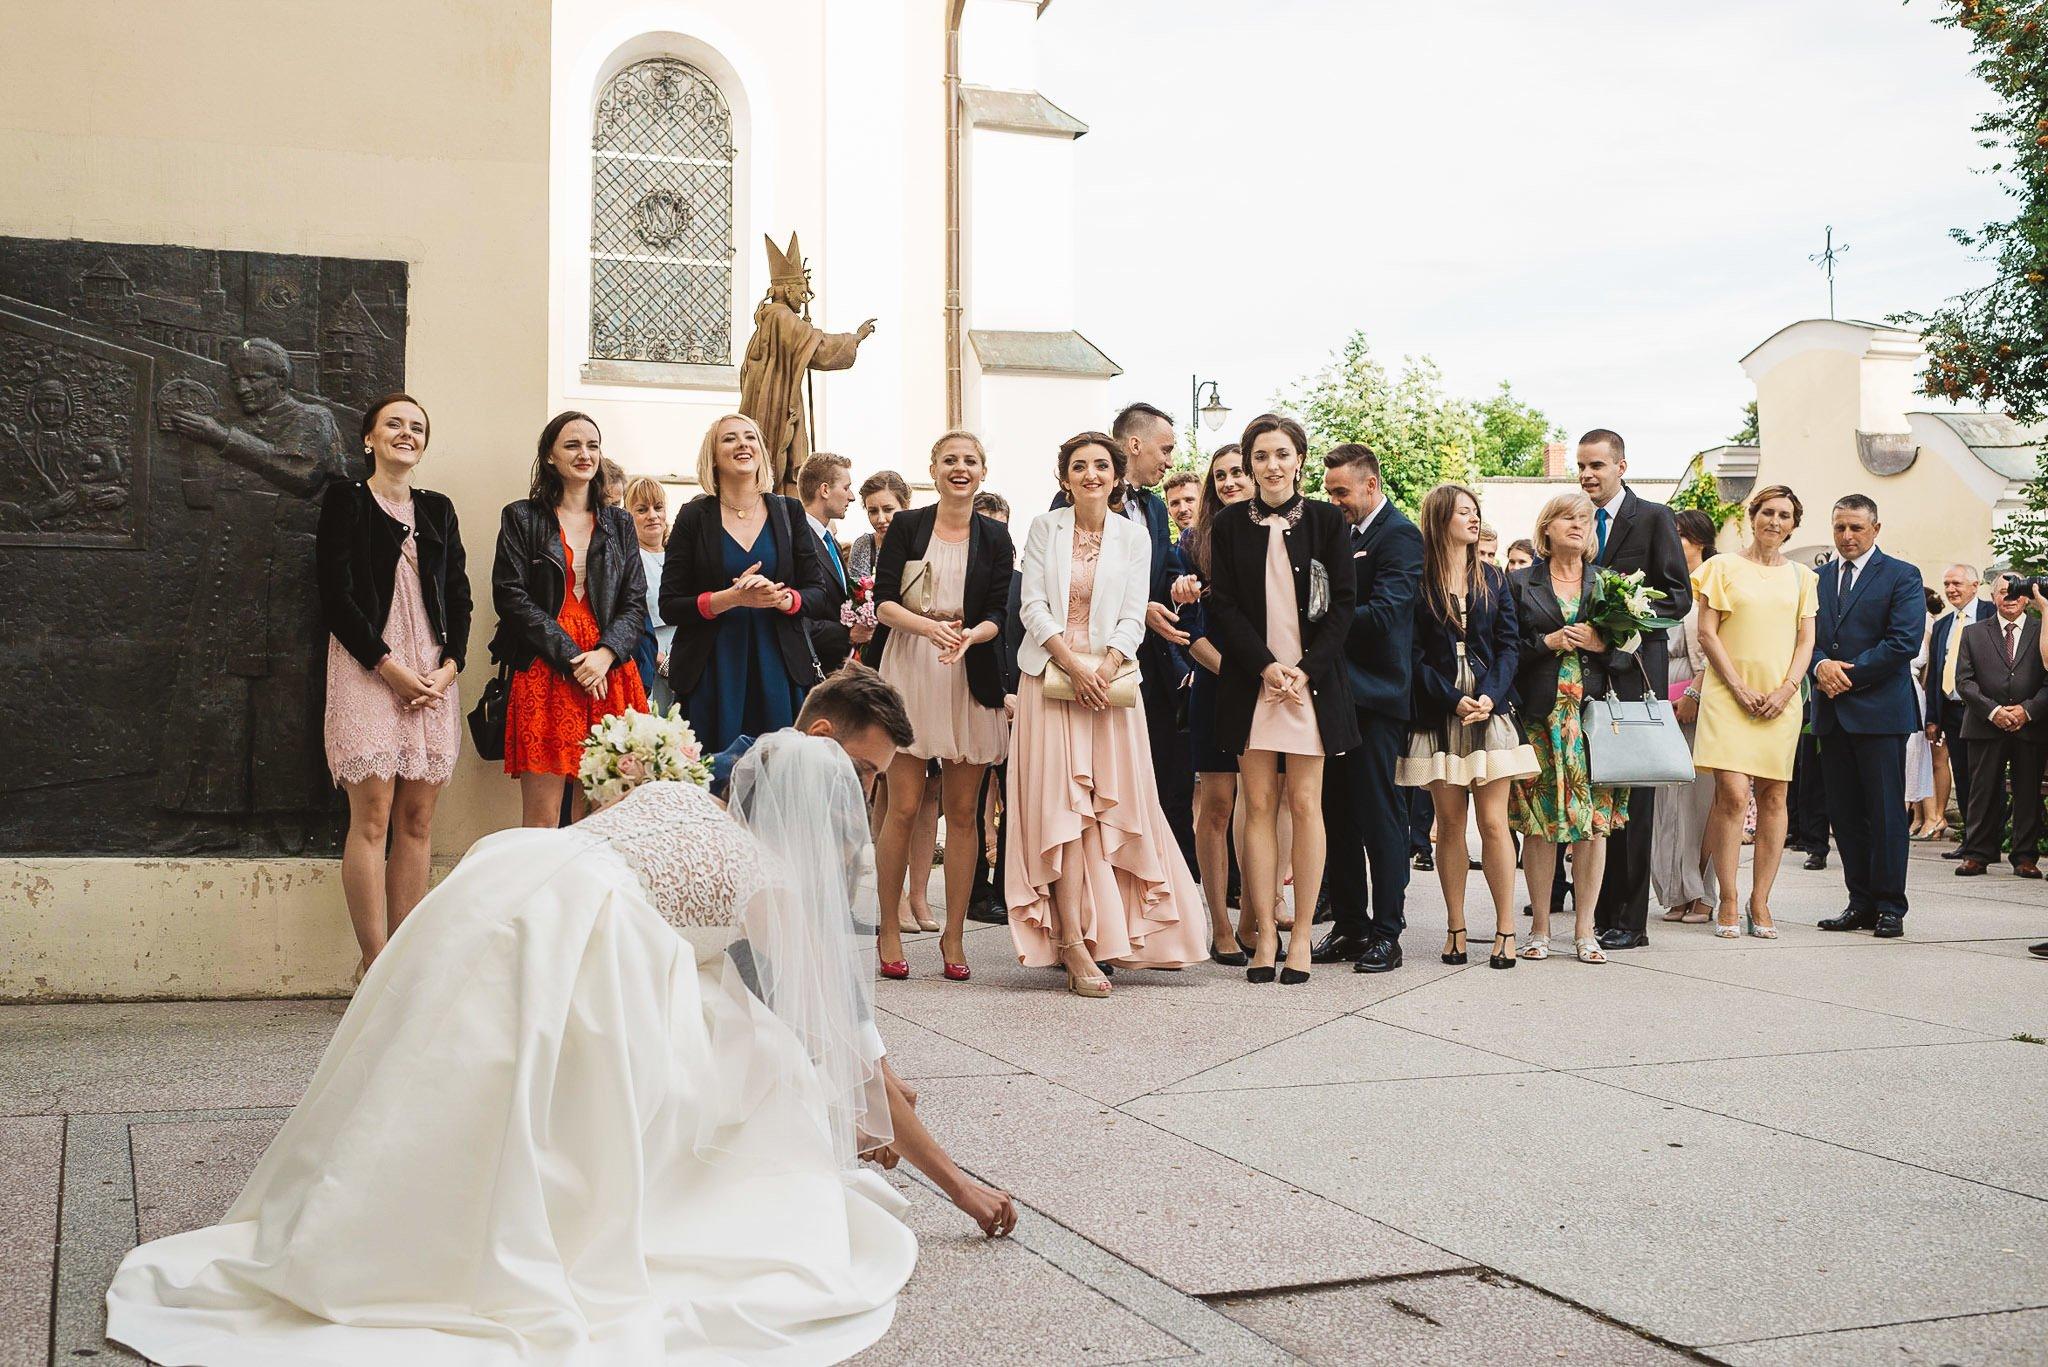 Monika i Michał, wesele w Paryżu i sesja plenerowa w stadninie koni w Czołowie 150